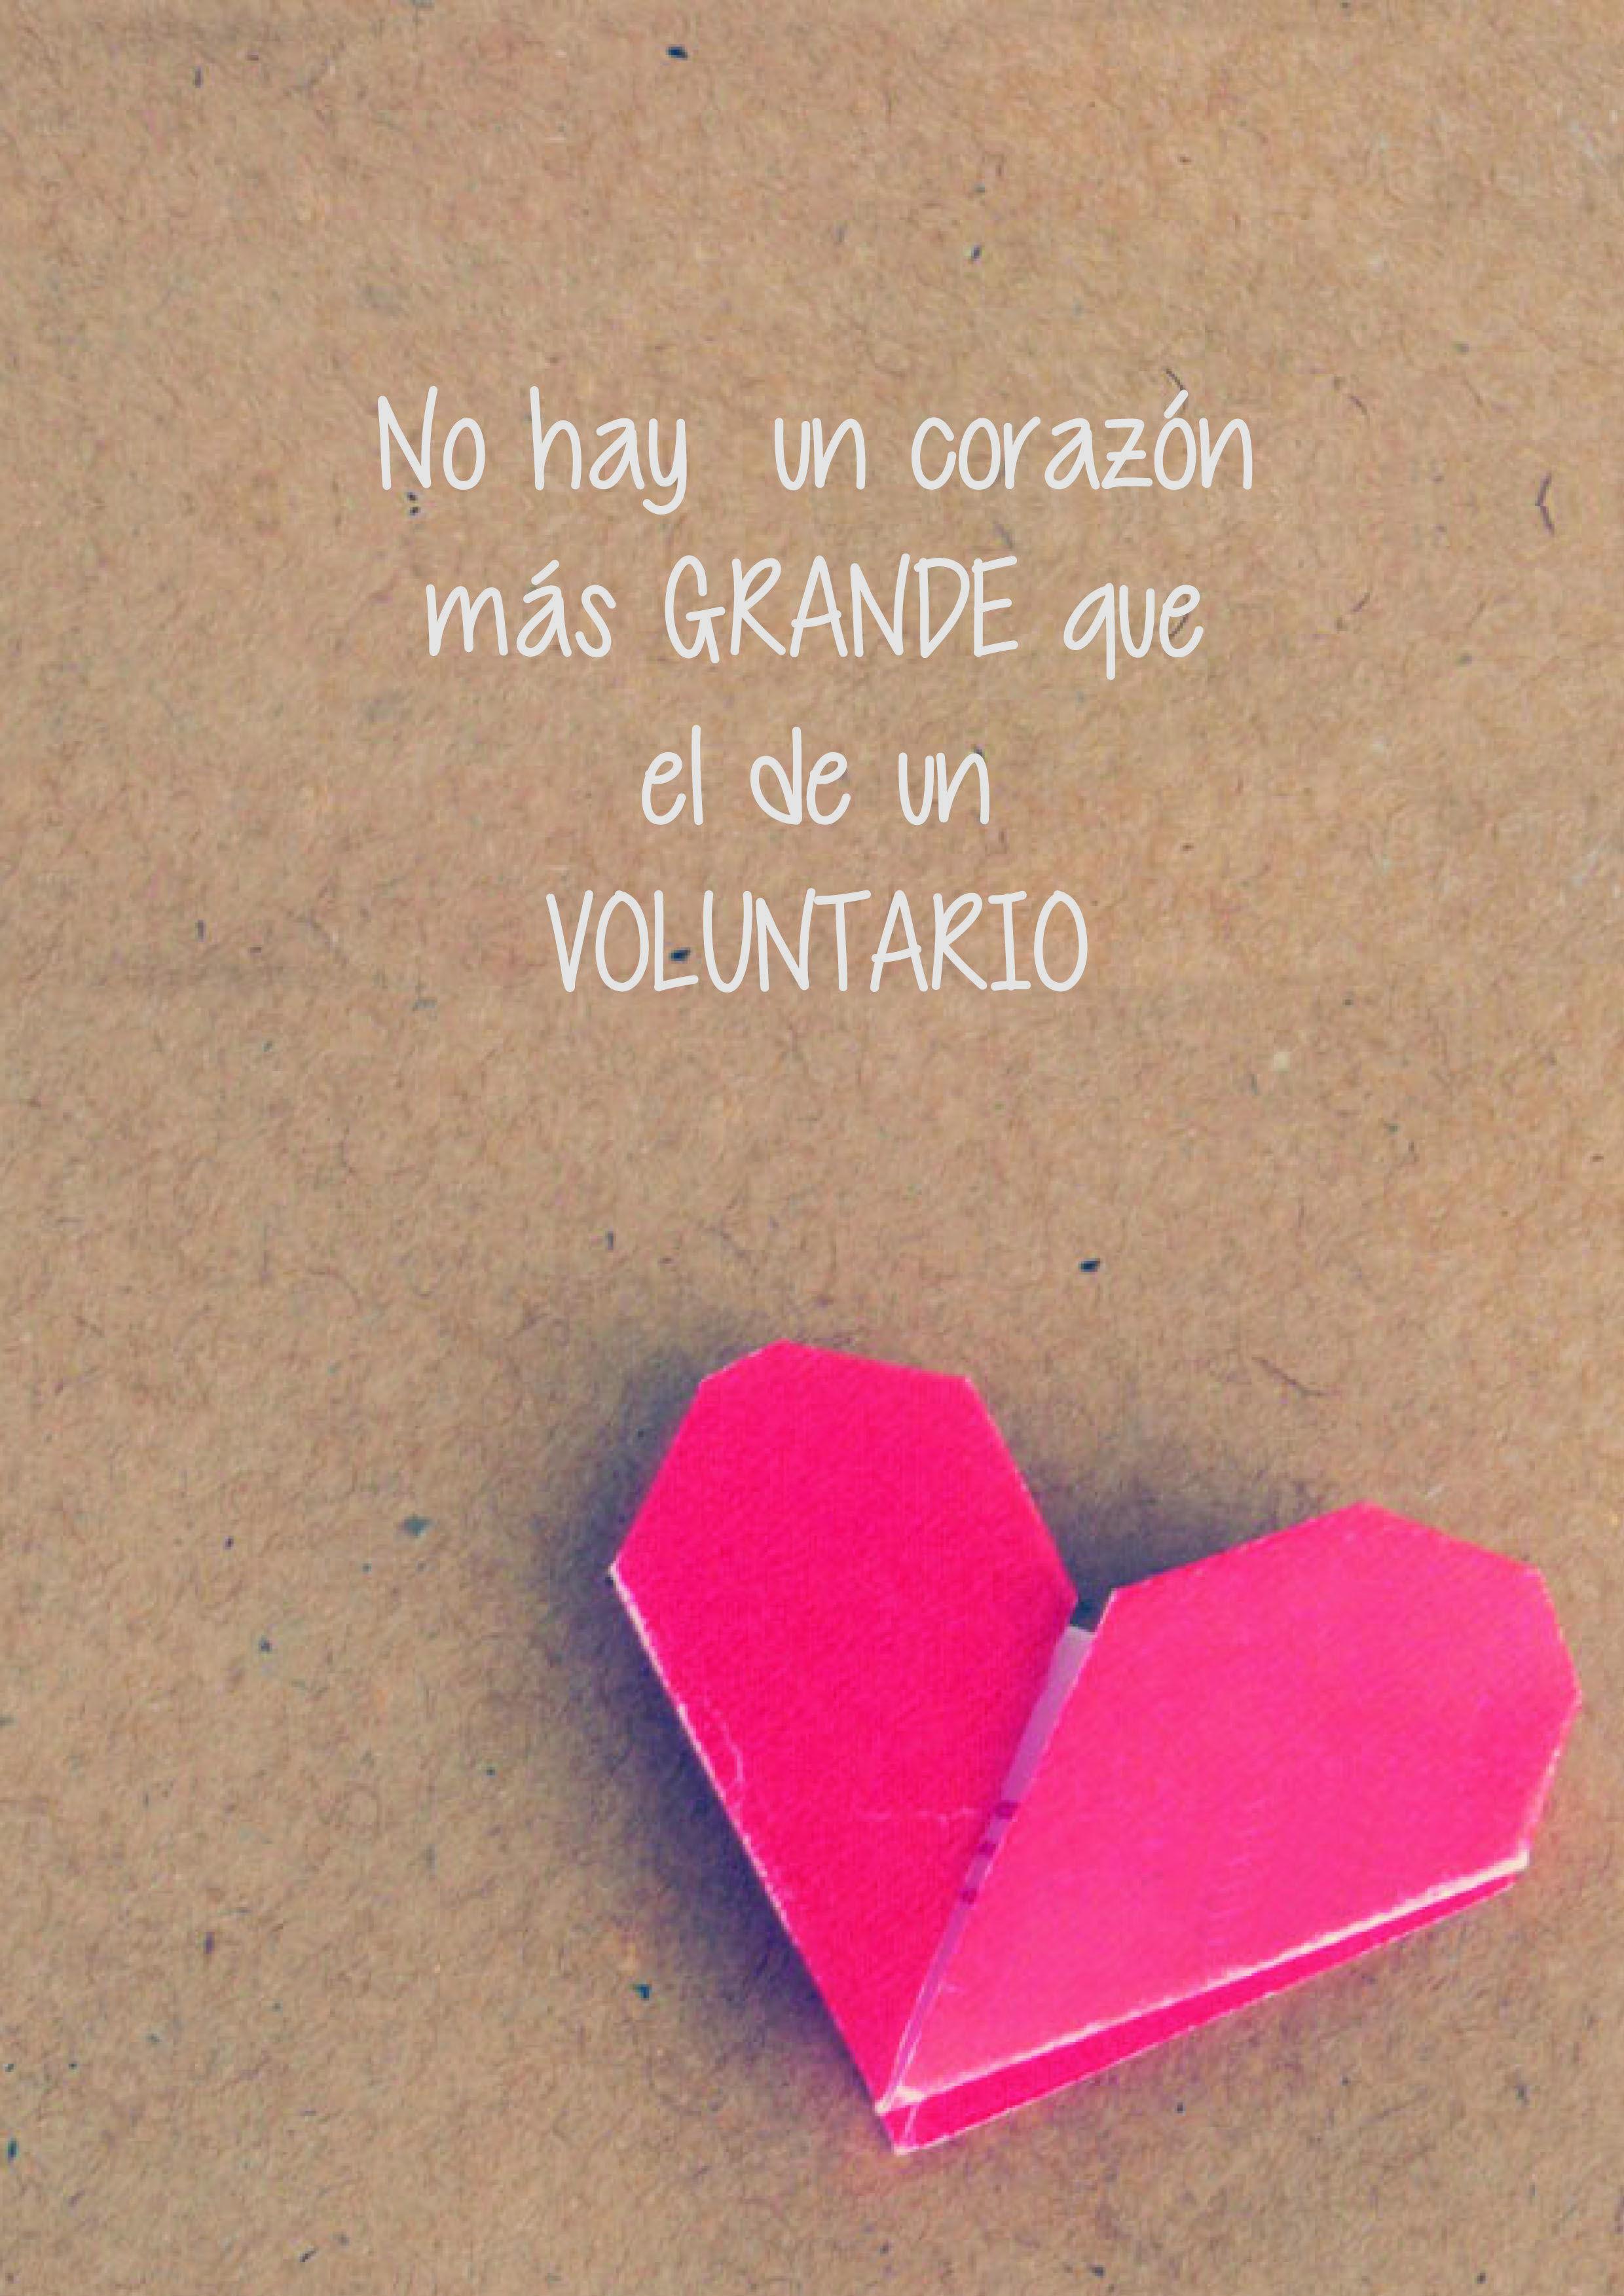 Seamos Voluntarios De Corazón Frases De Solidaridad